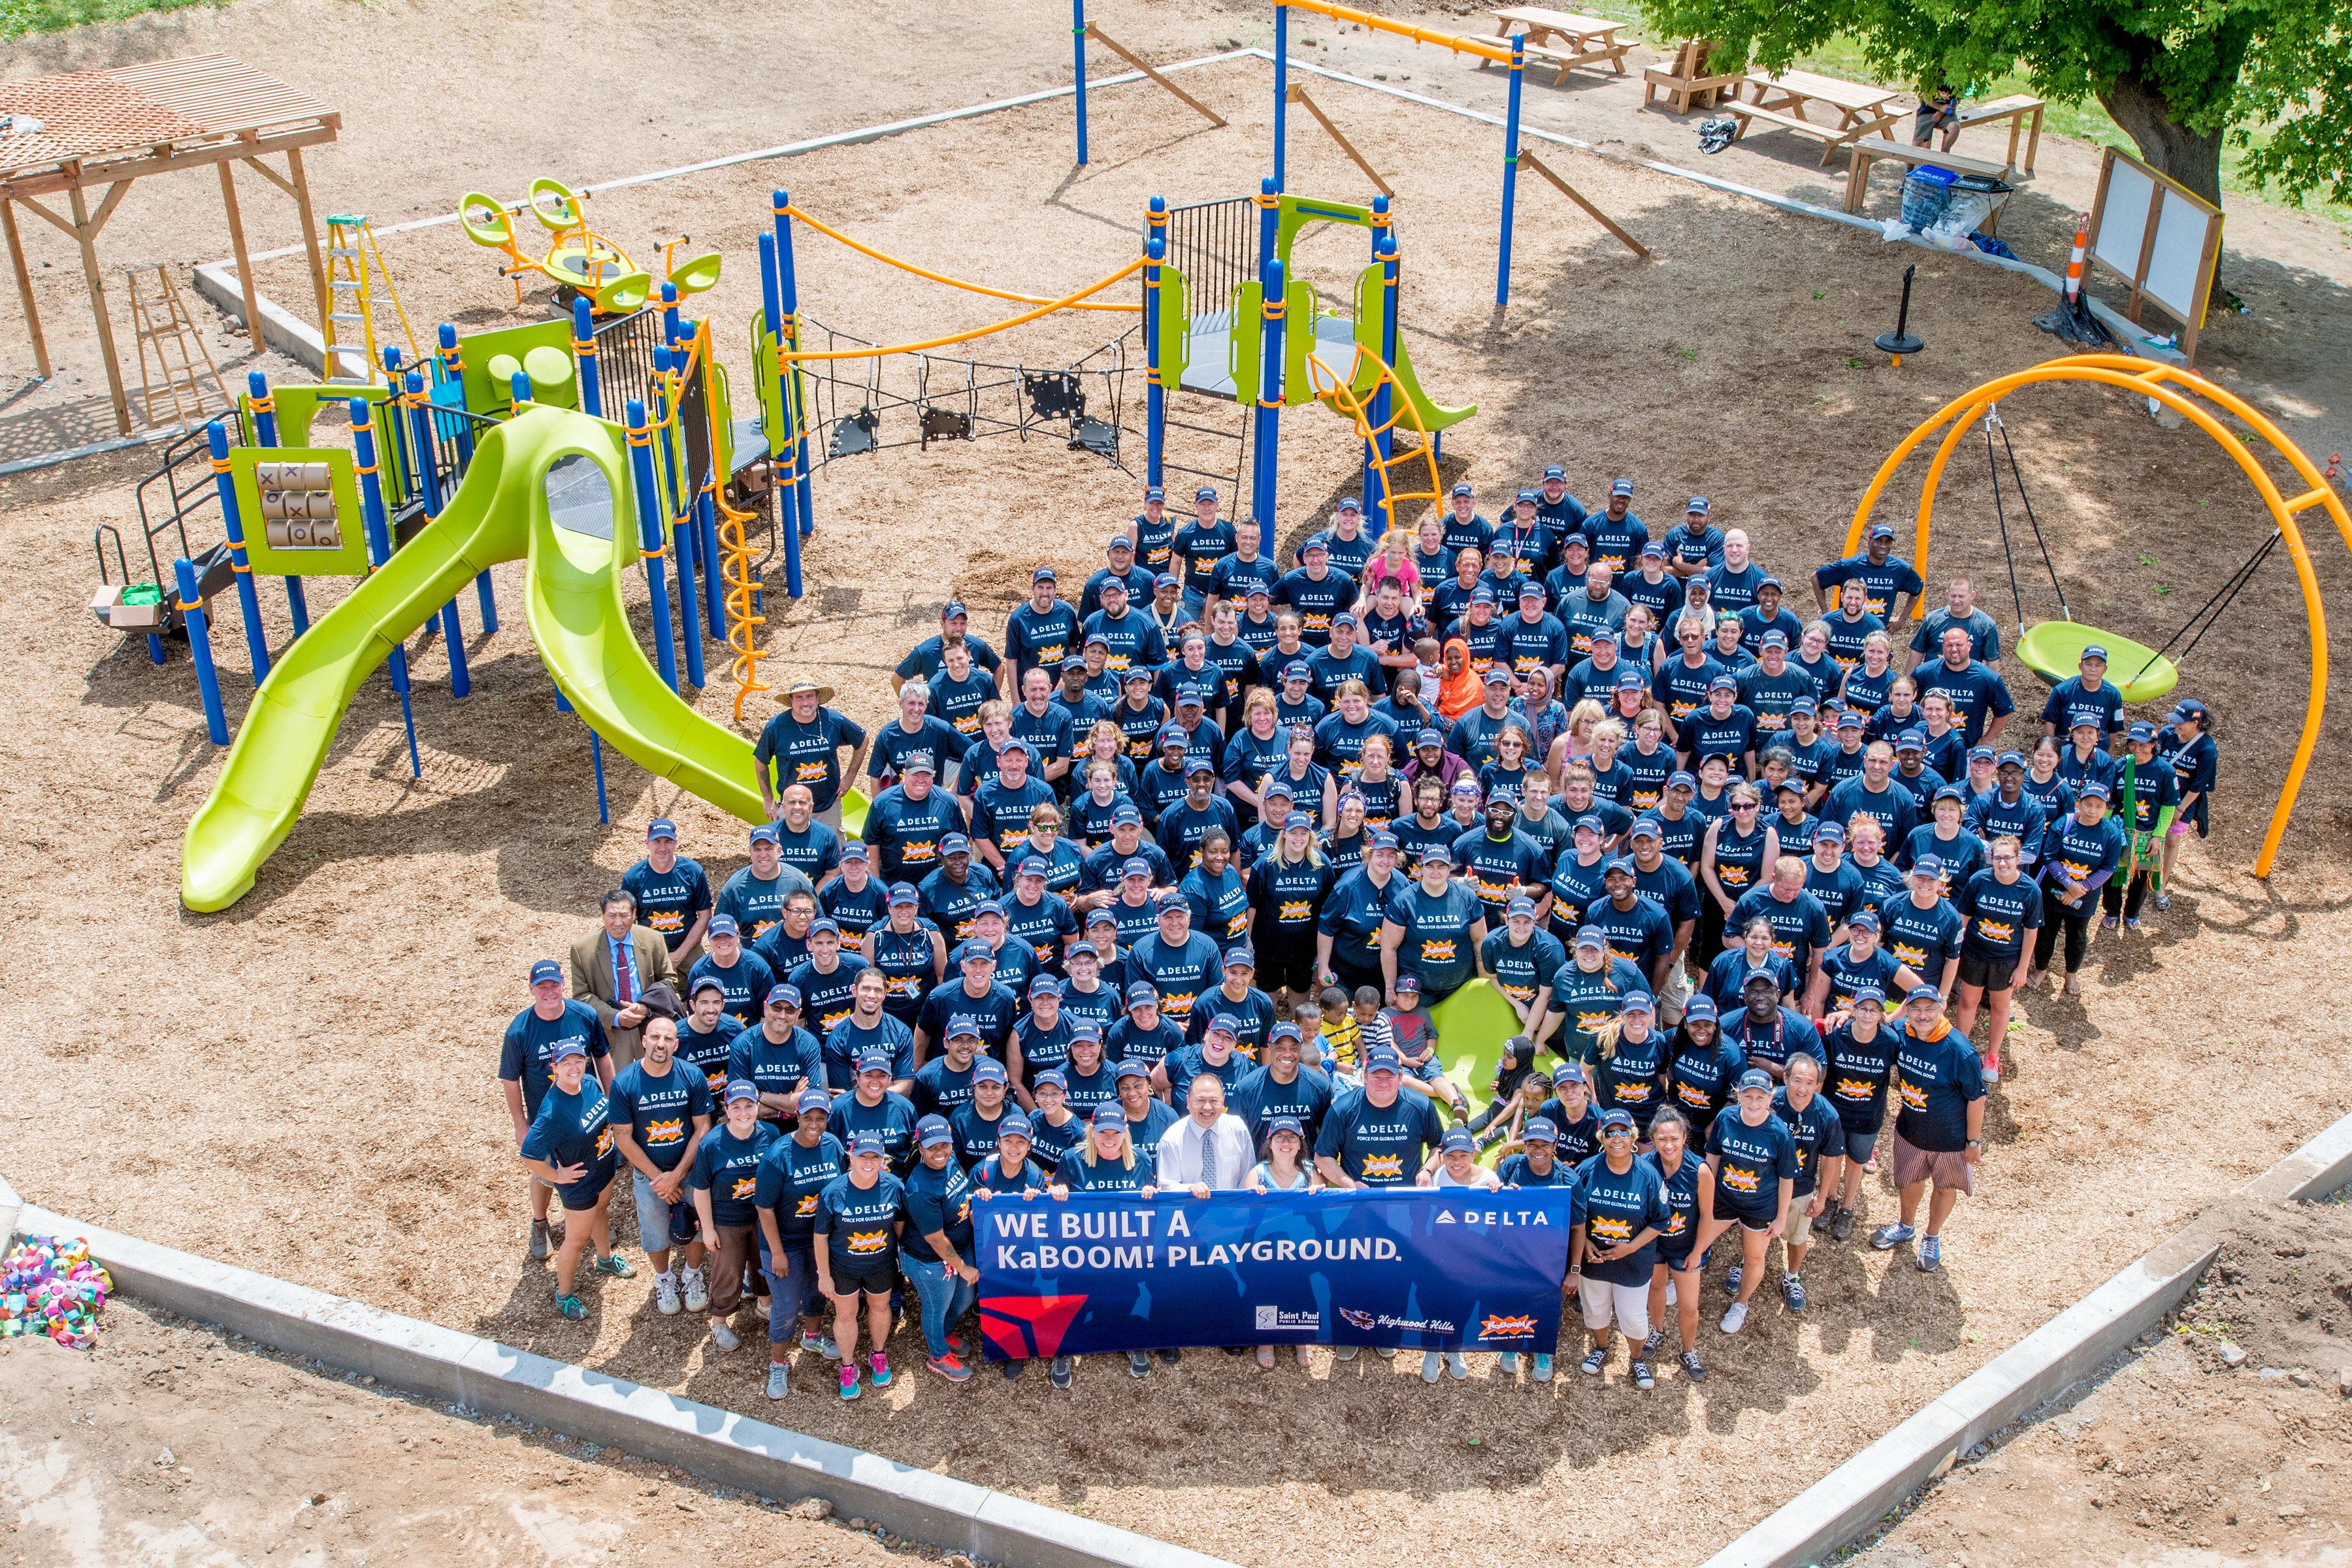 MSP-area kids enjoy new playground, thanks to Delta, KaBOOM!